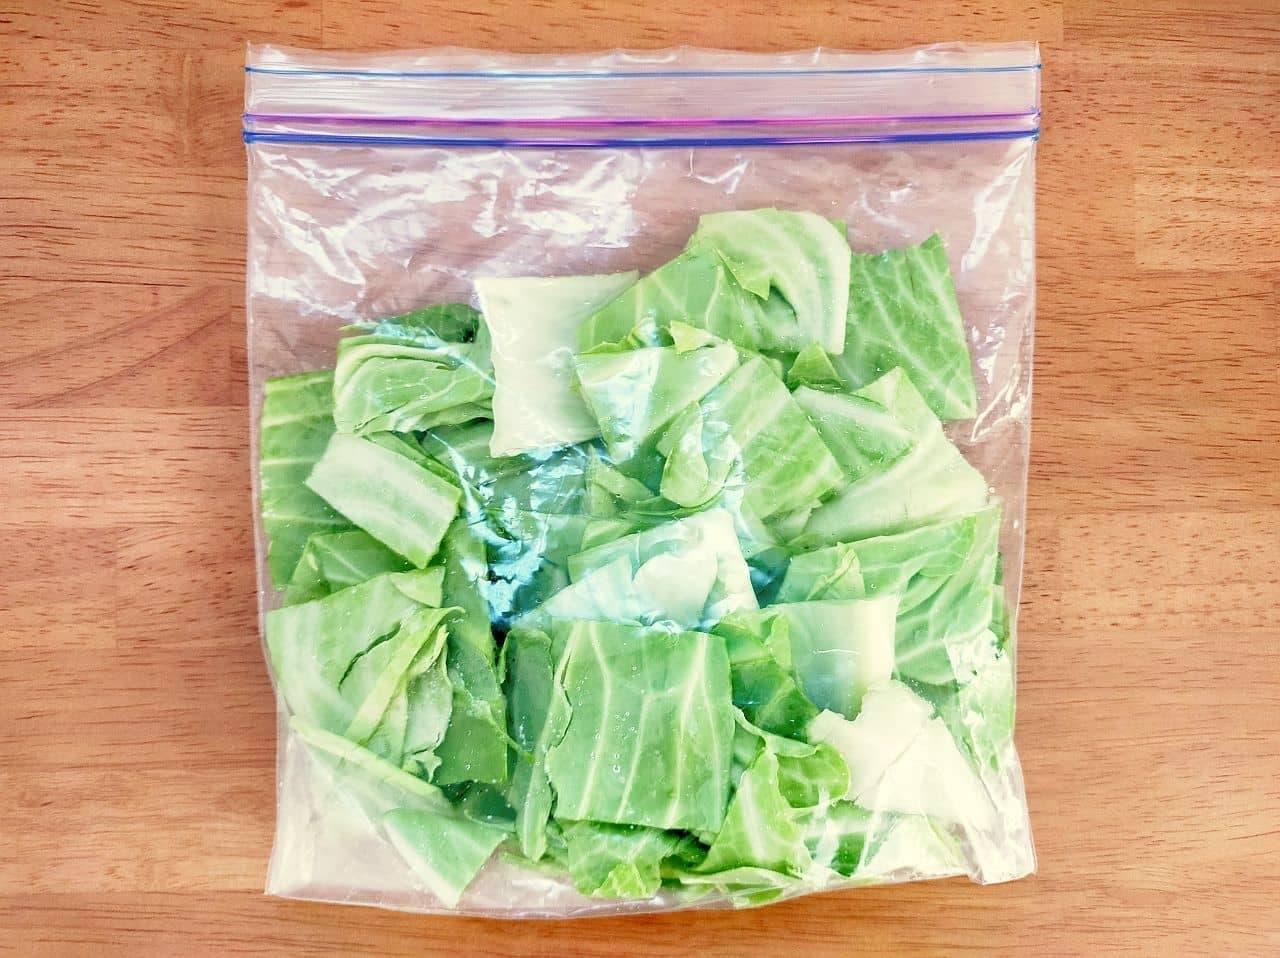 ステップ3 キャベツの冷凍保存方法